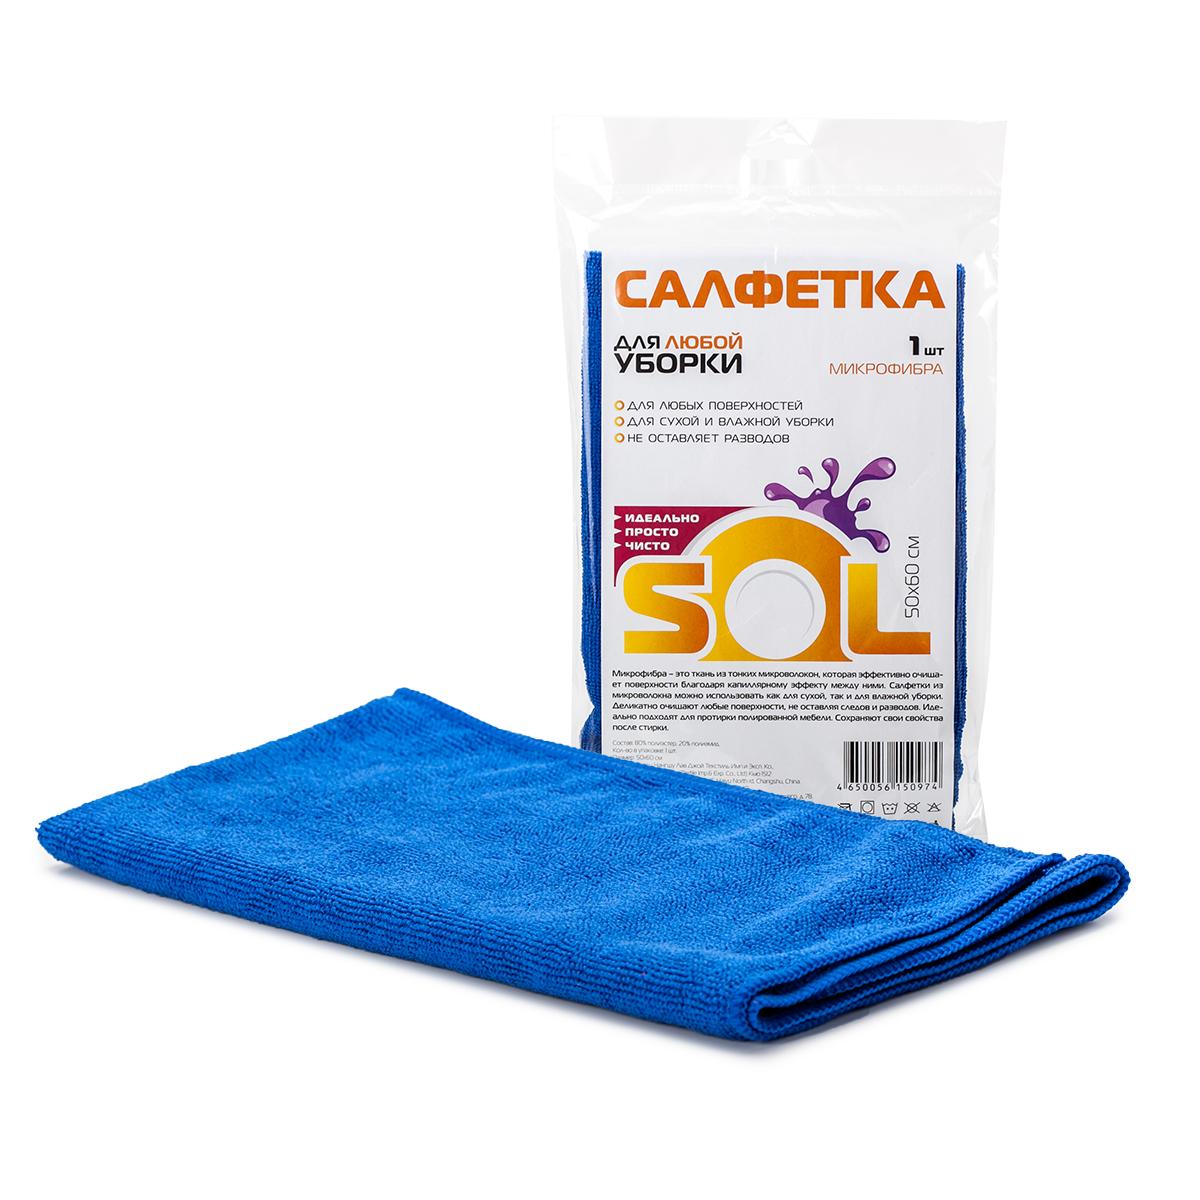 Салфетка для уборки Sol,50 x 60 см. 1000810008/10047Состав: 80% полиэстер, 20% полиамид; плотность: 220 гр./м2; цвет: синий, фиолетовый